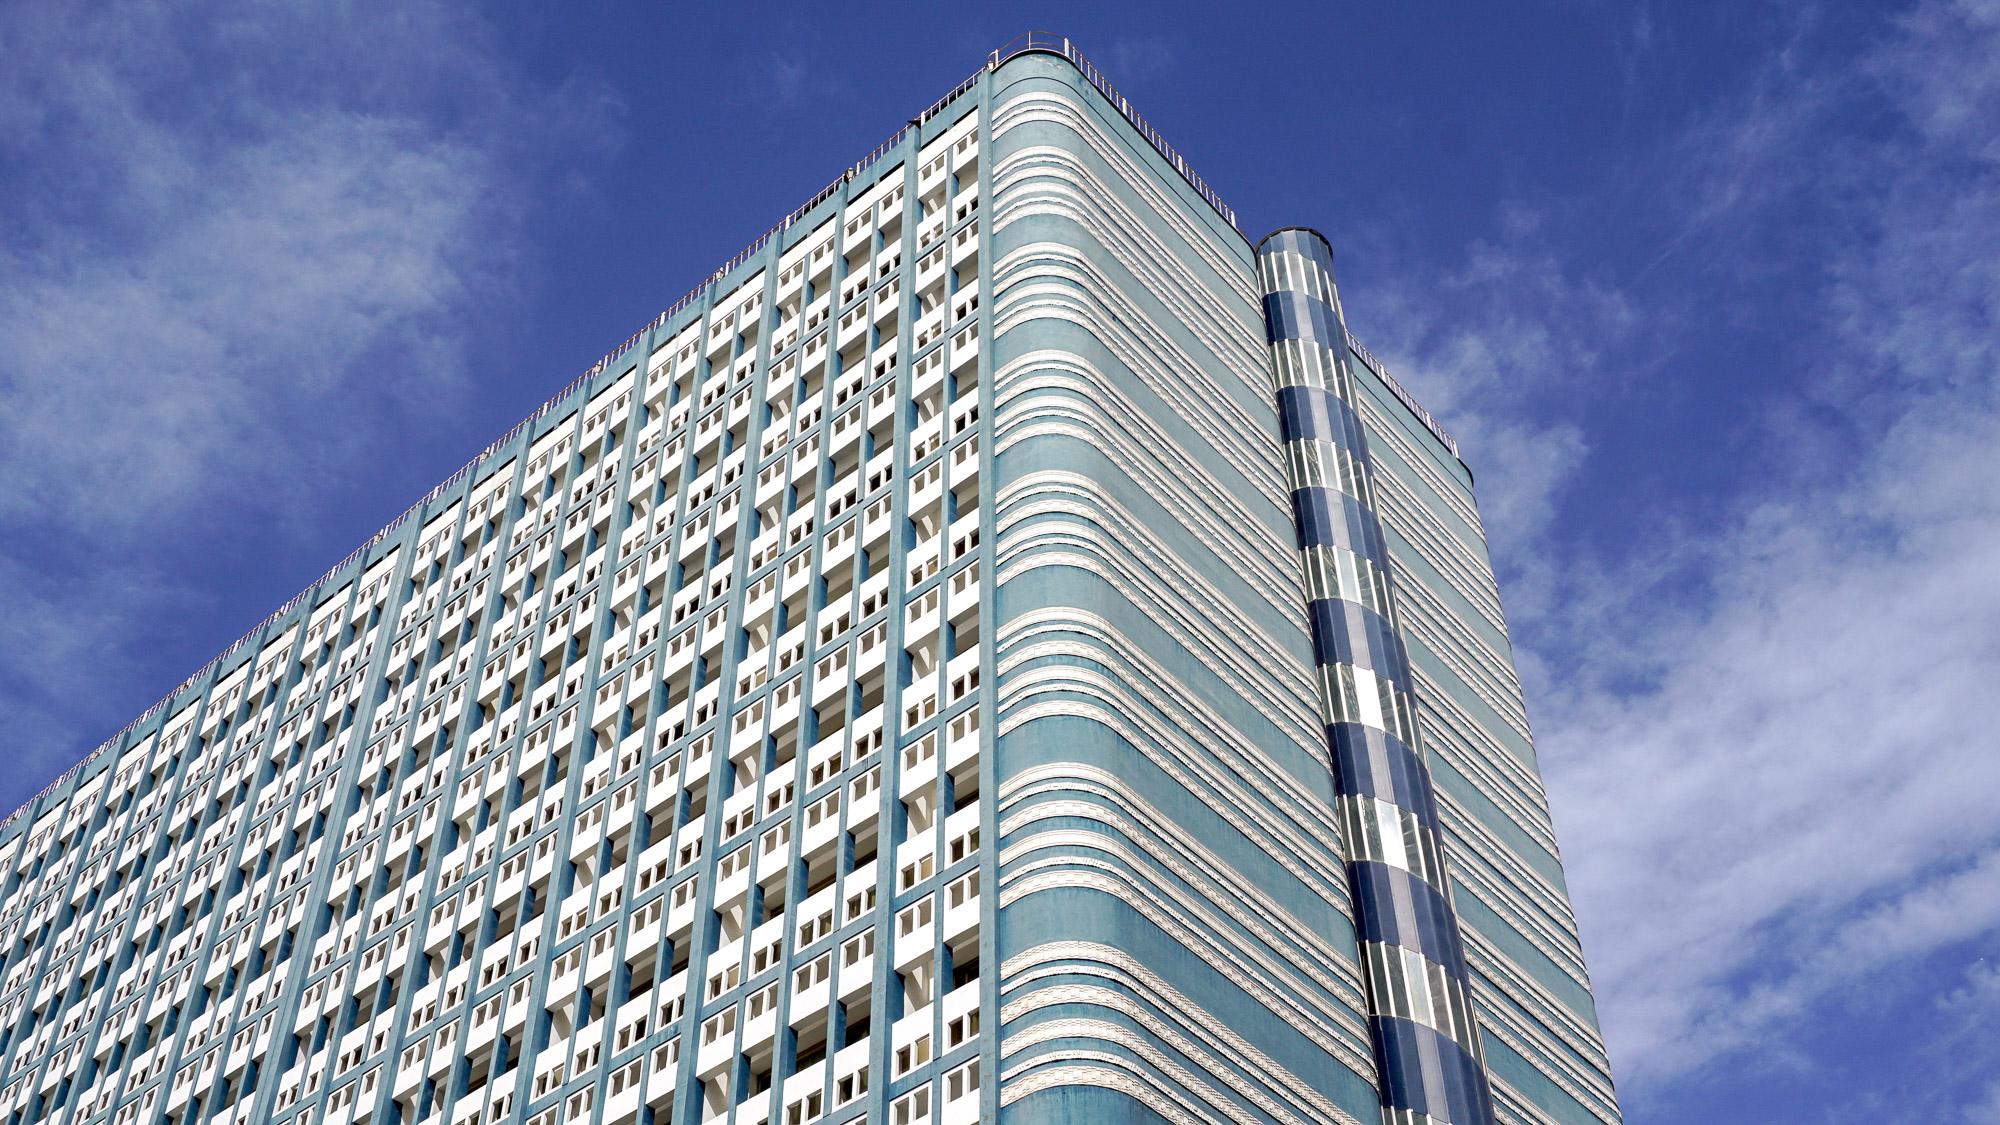 Blau-weiß gestreifte ungewöhnliche Fassade eines großen Hotels